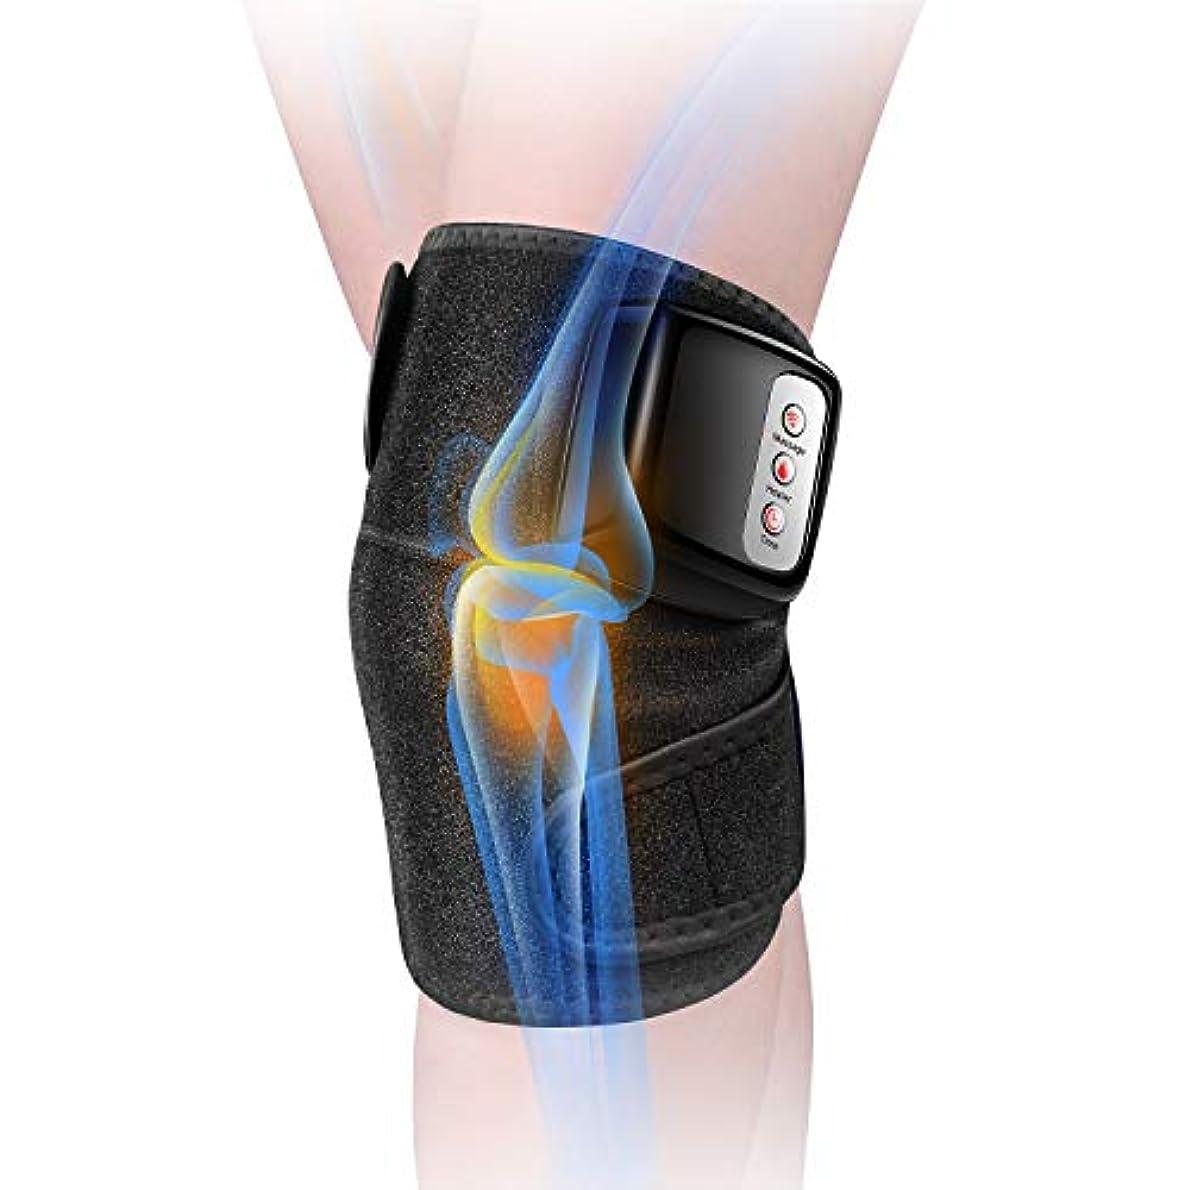 細胞司書腹部膝マッサージャー 関節マッサージャー マッサージ器 フットマッサージャー 振動 赤外線療法 温熱療法 膝サポーター ストレス解消 肩 太もも/腕対応